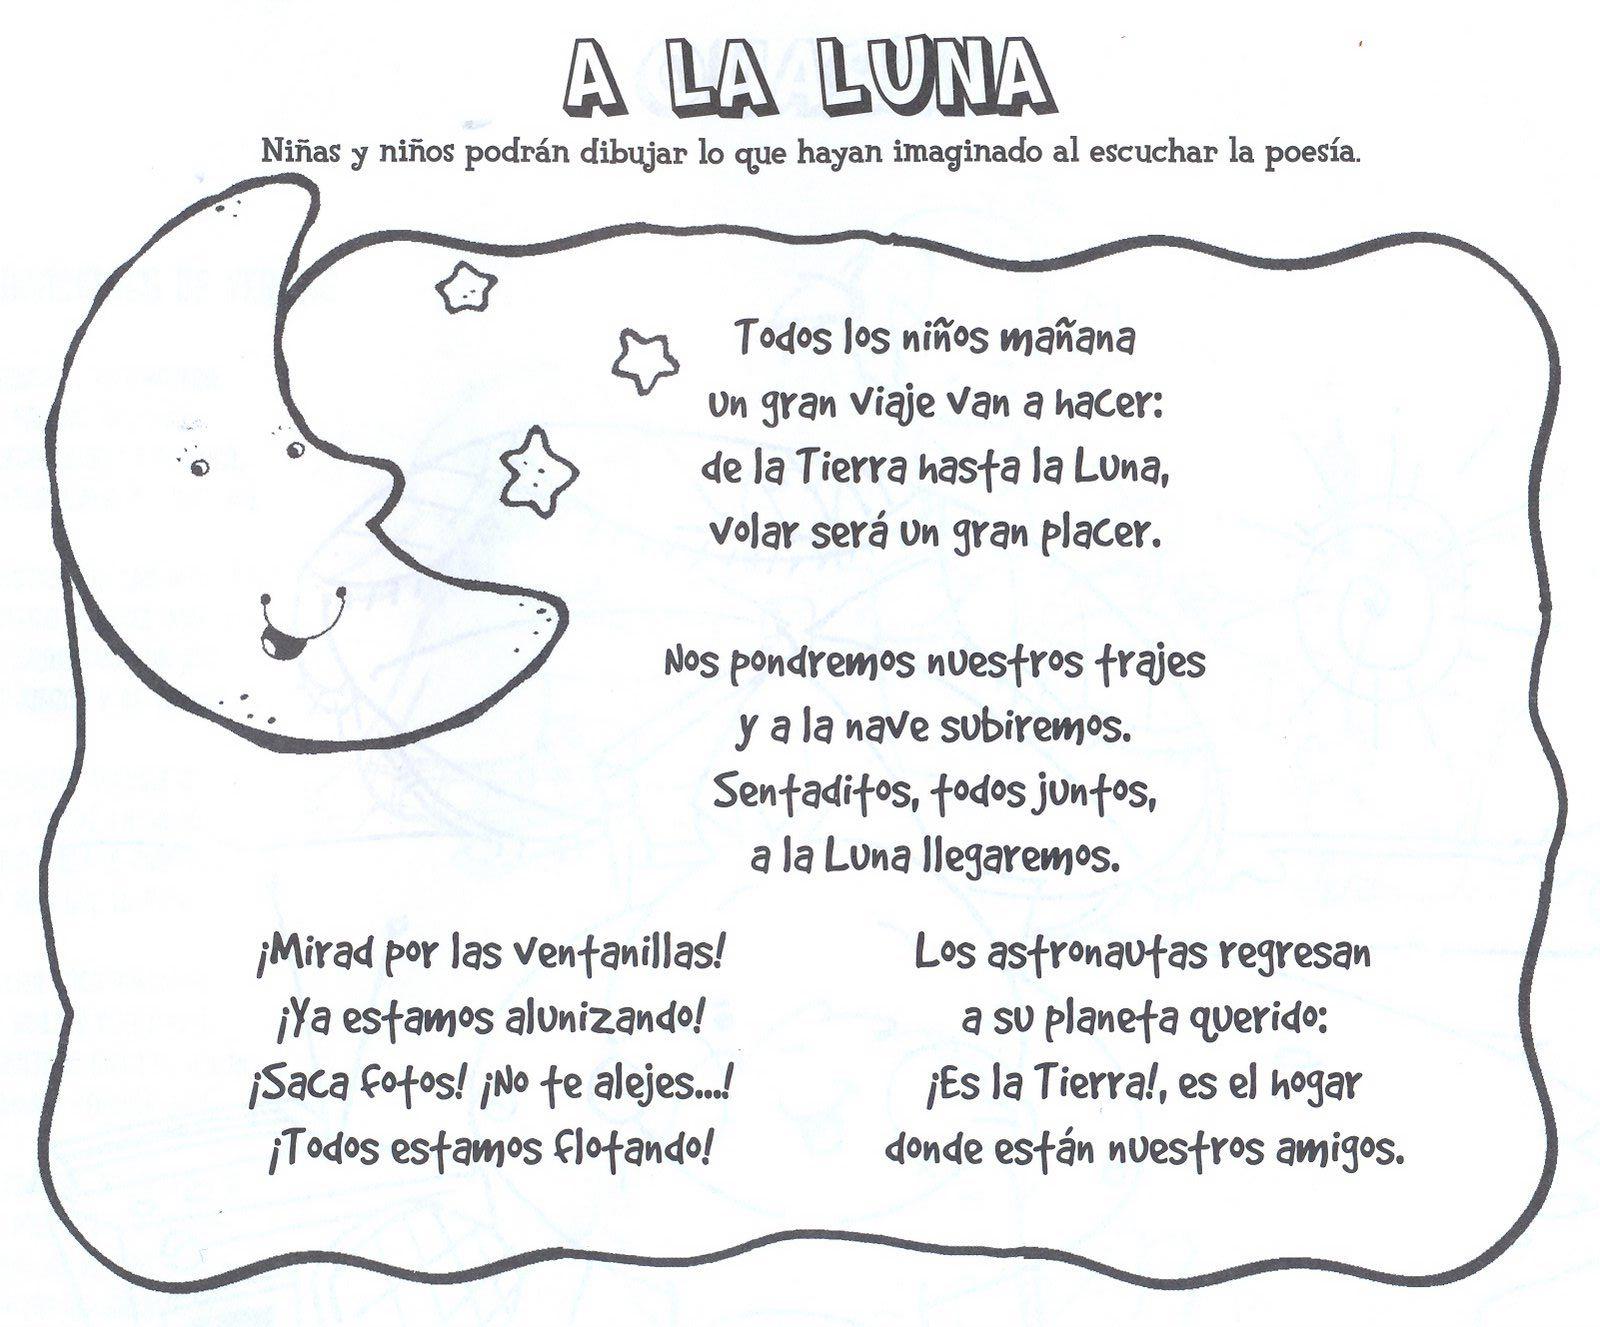 Poesìas Rondas Caligramas Acrosticos Trabalenguas Poesia A La Luna Acrosticos Astronomia Para Niños